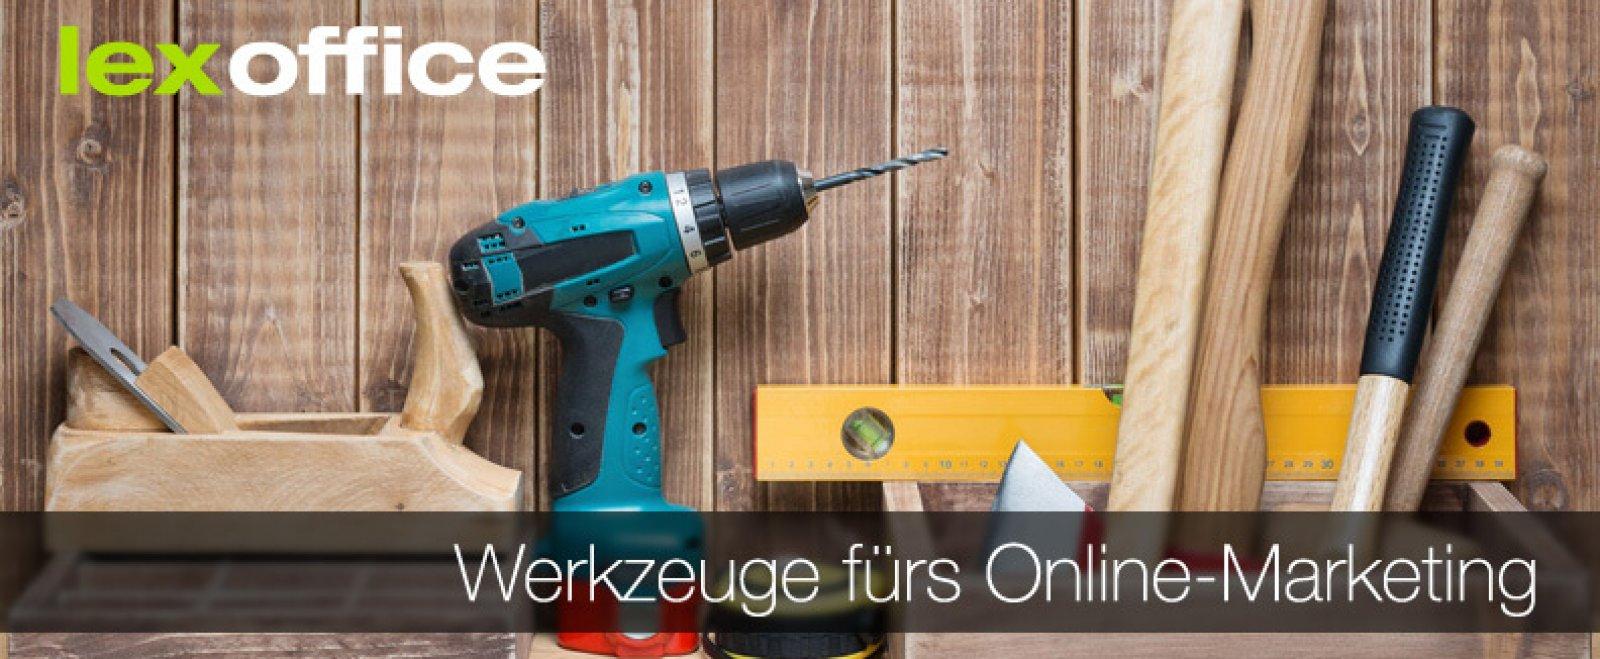 Werkzeuge fürs Online-Marketing